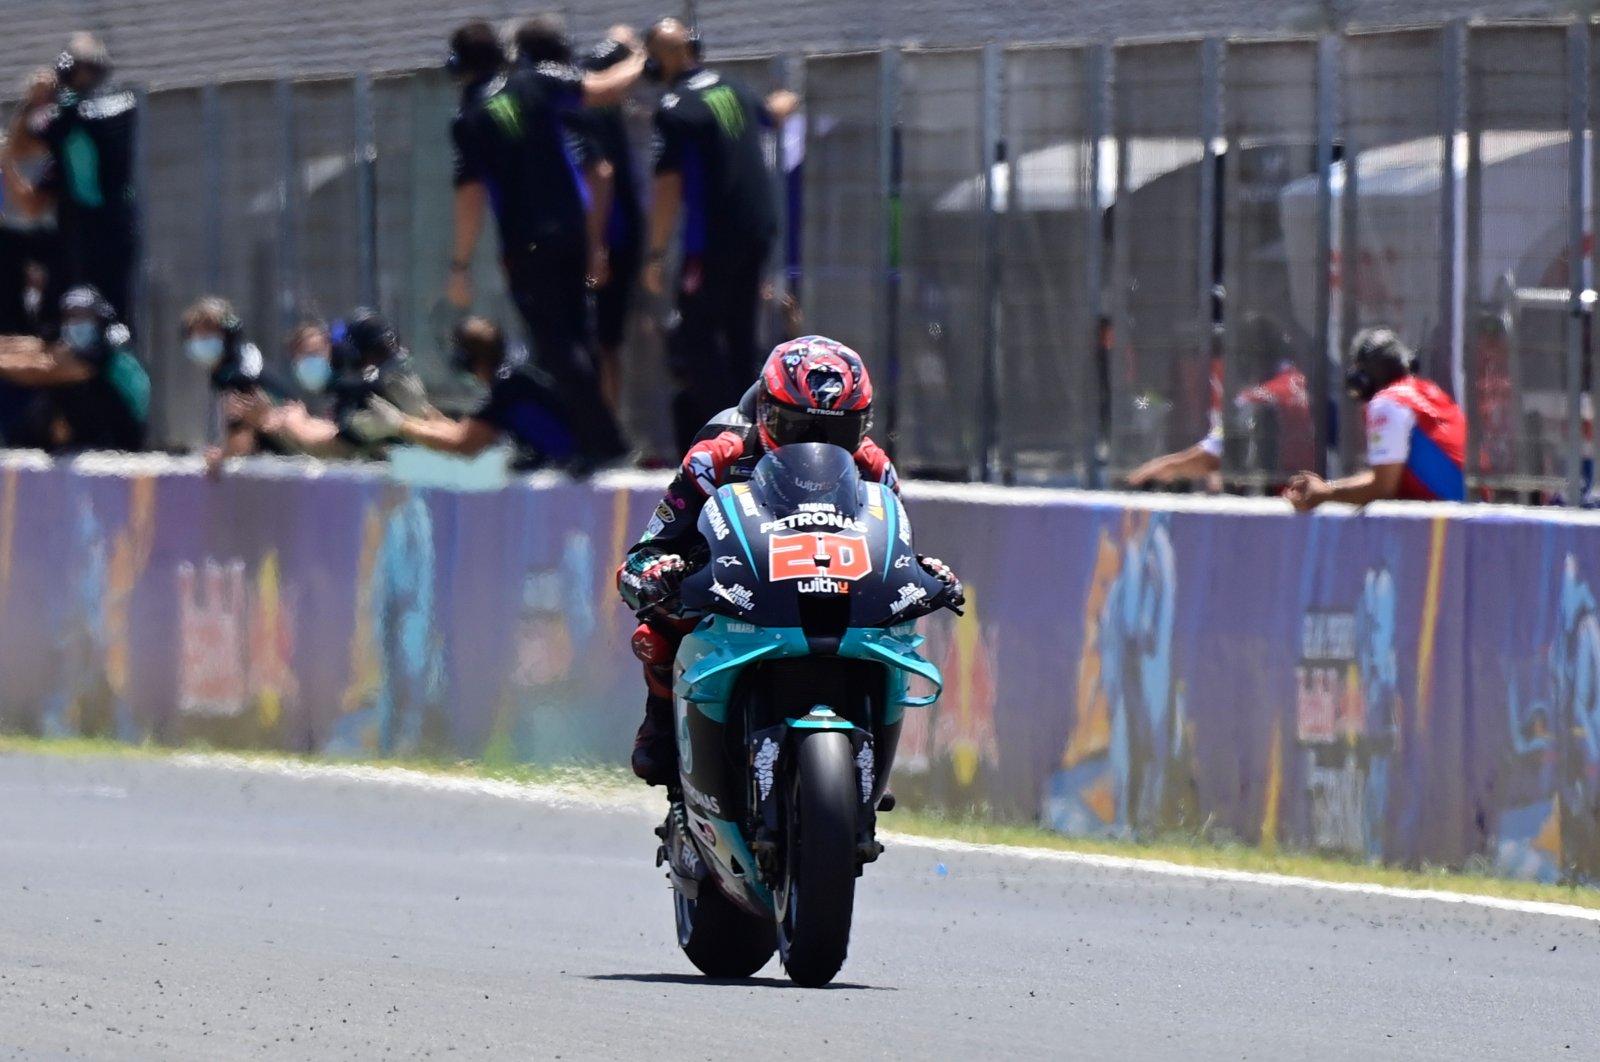 Fabio Quartararo rides to the finish line in Jerez de la Frontera, Spain, July 19, 2020. (AFP Photo)